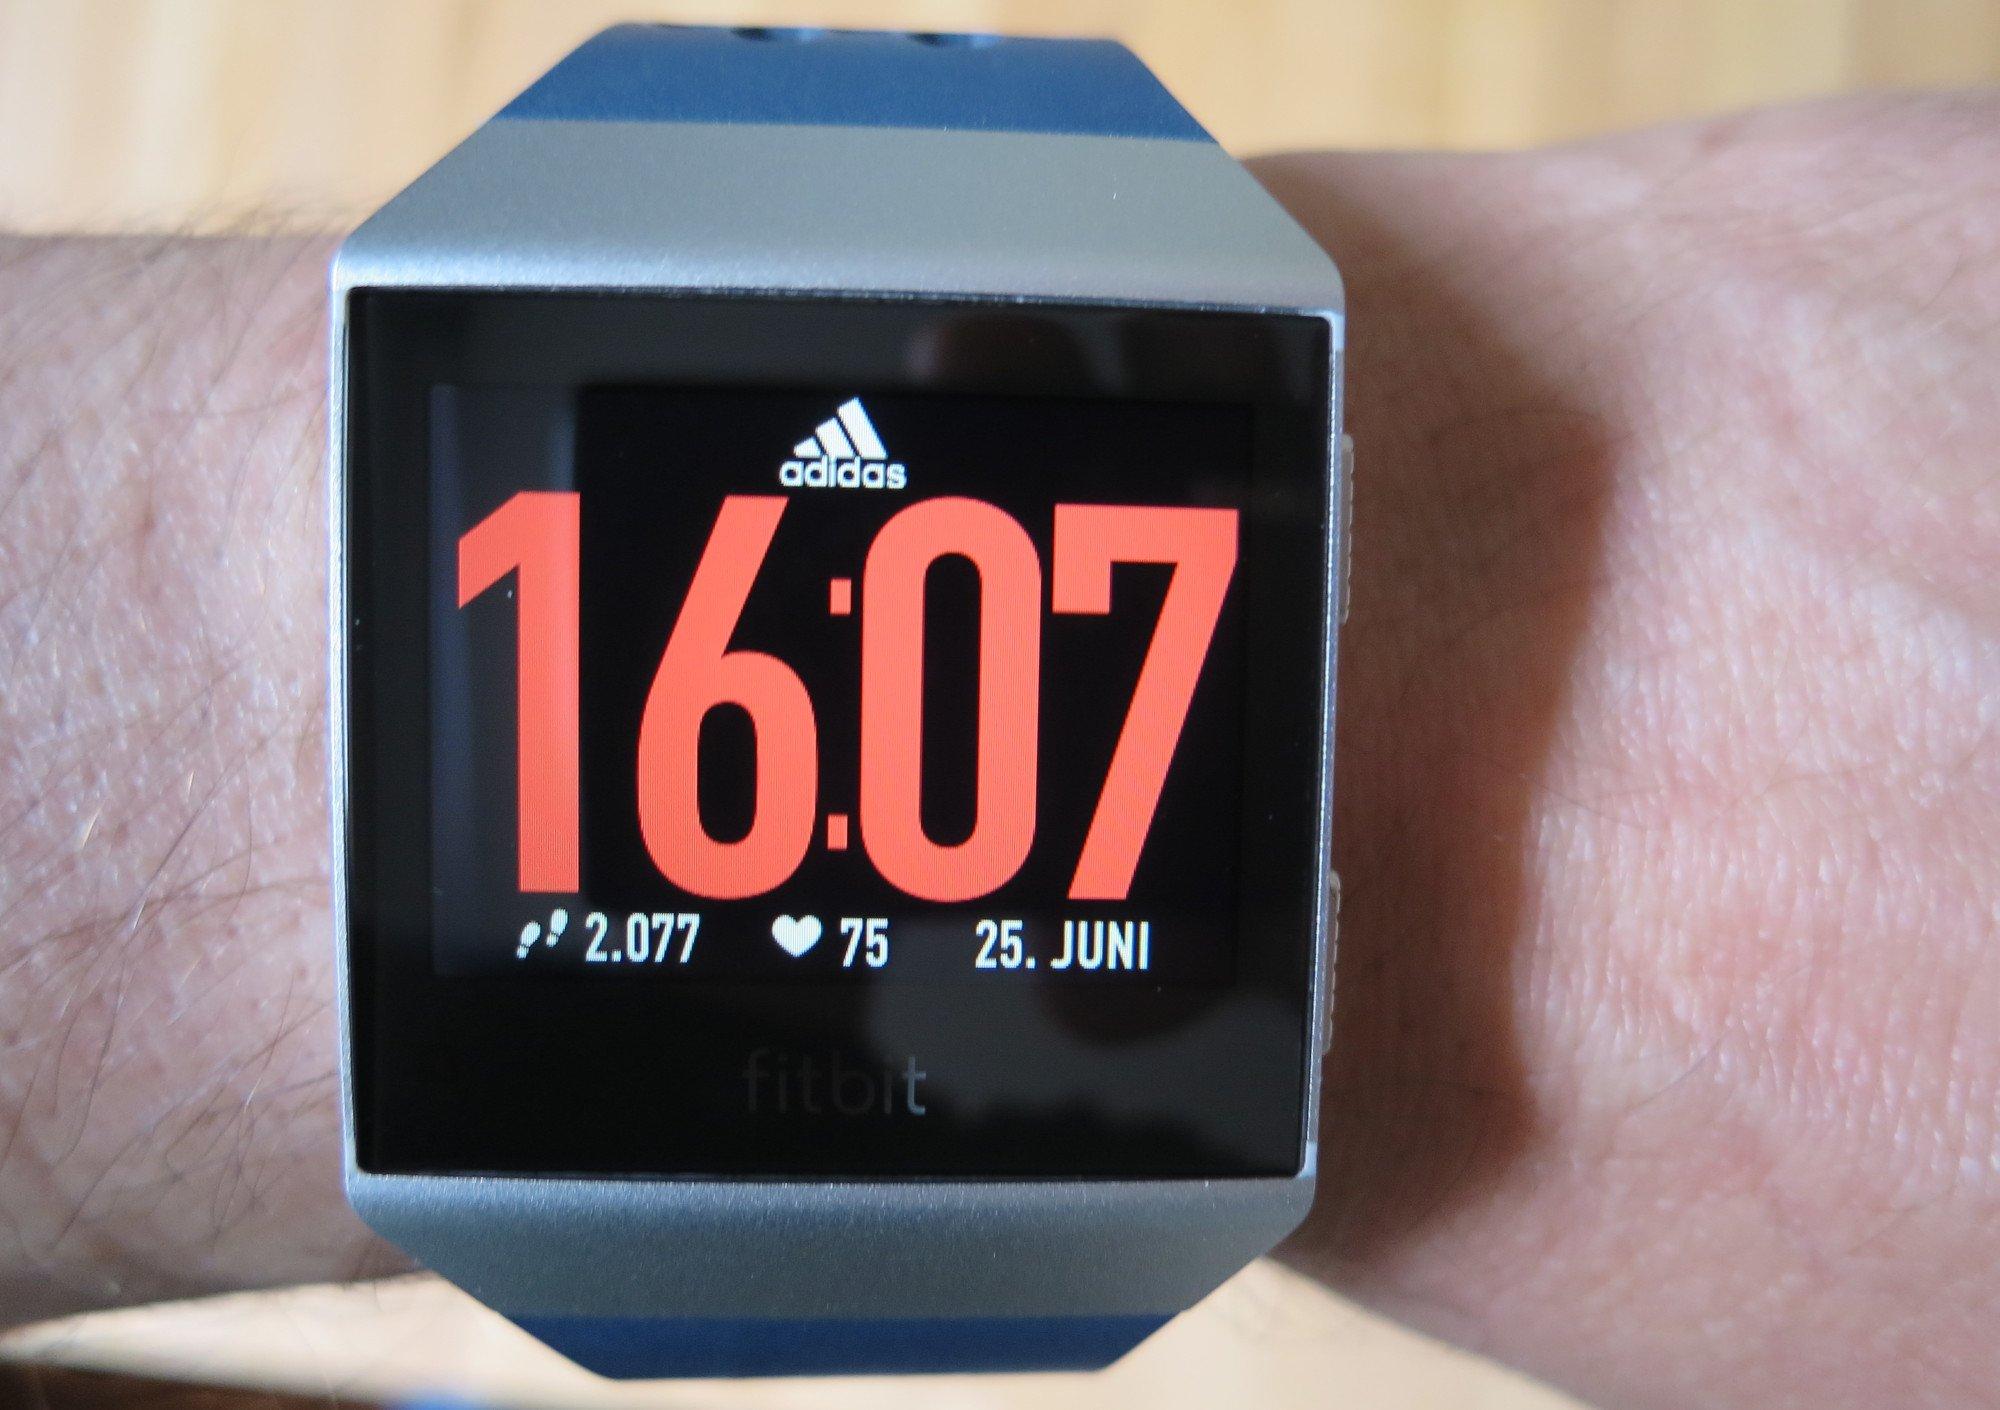 Fitbit Ionic adidas Edition mit neuem Watchface, das wie eine Startnummer beim Lauf wirkt (Bild: Peter Giesecke)